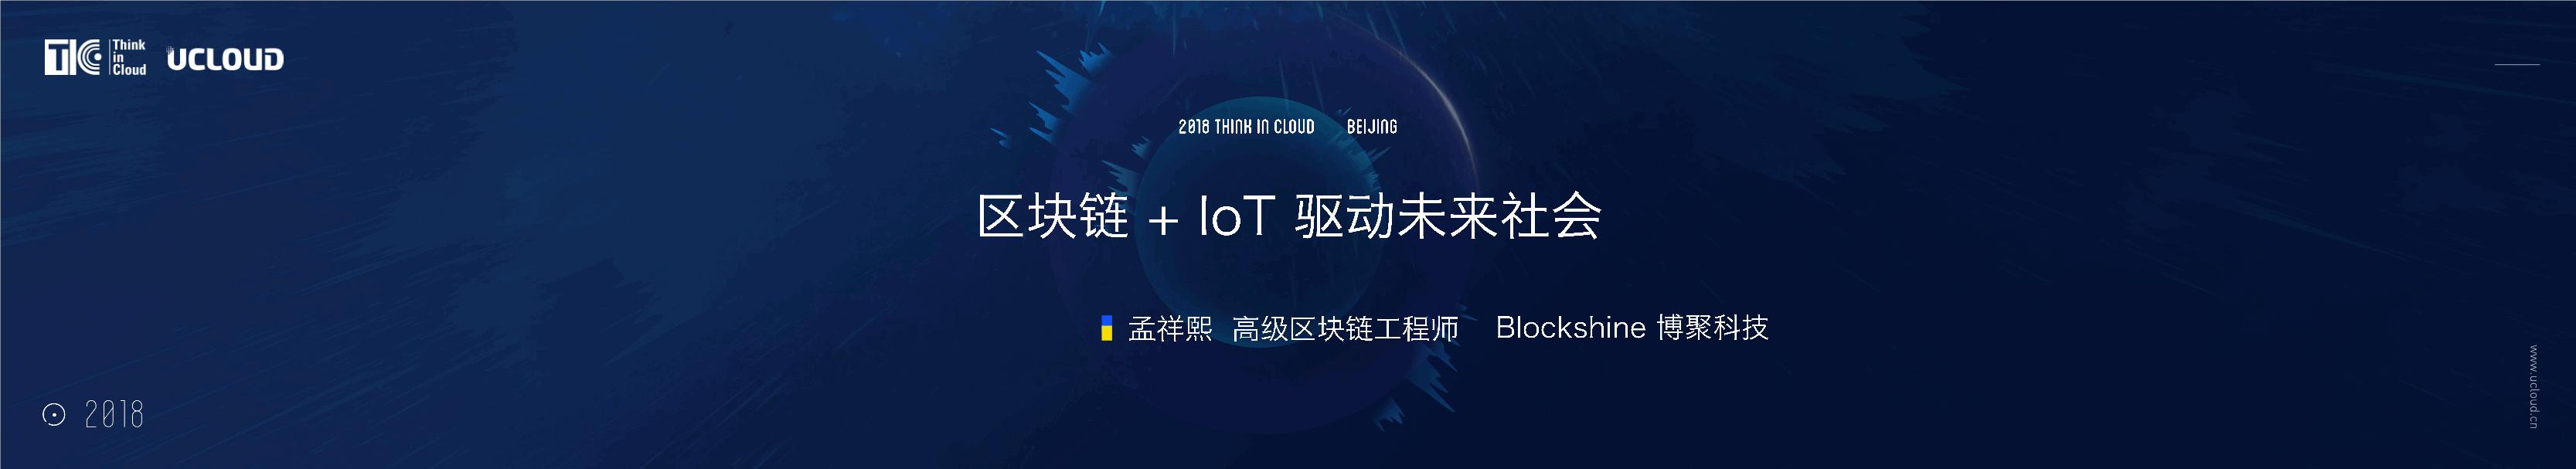 孟祥熙-区块链+IOT驱动未来社会